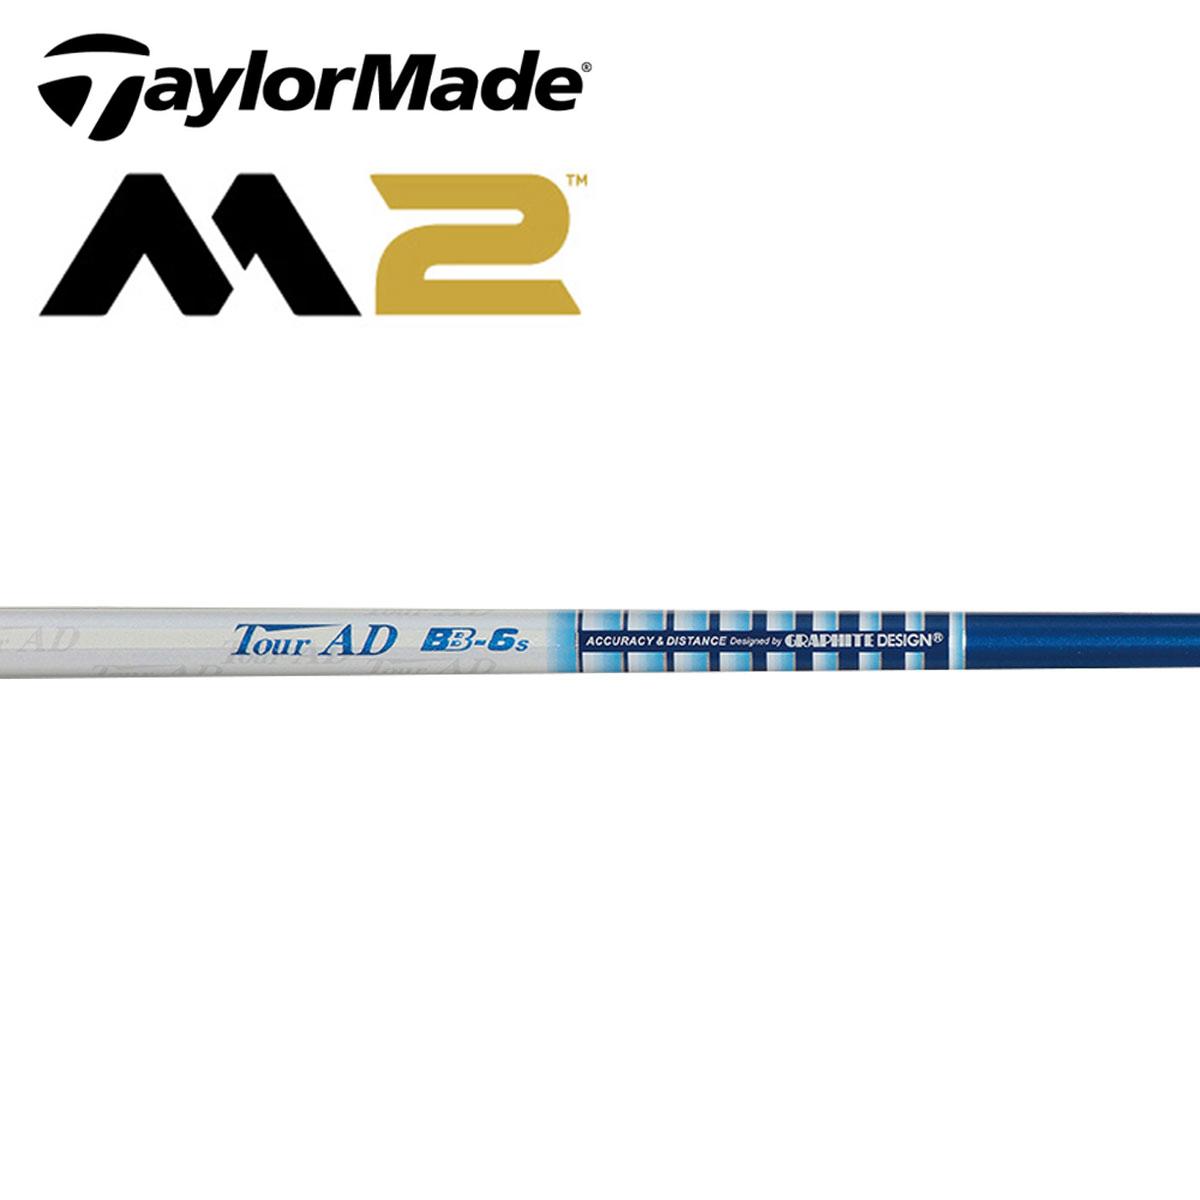 Tour AD BBシリーズ M2 ドライバーロフト12度用スリーブ付きシャフト 2016年モデル【テーラーメイド専用】